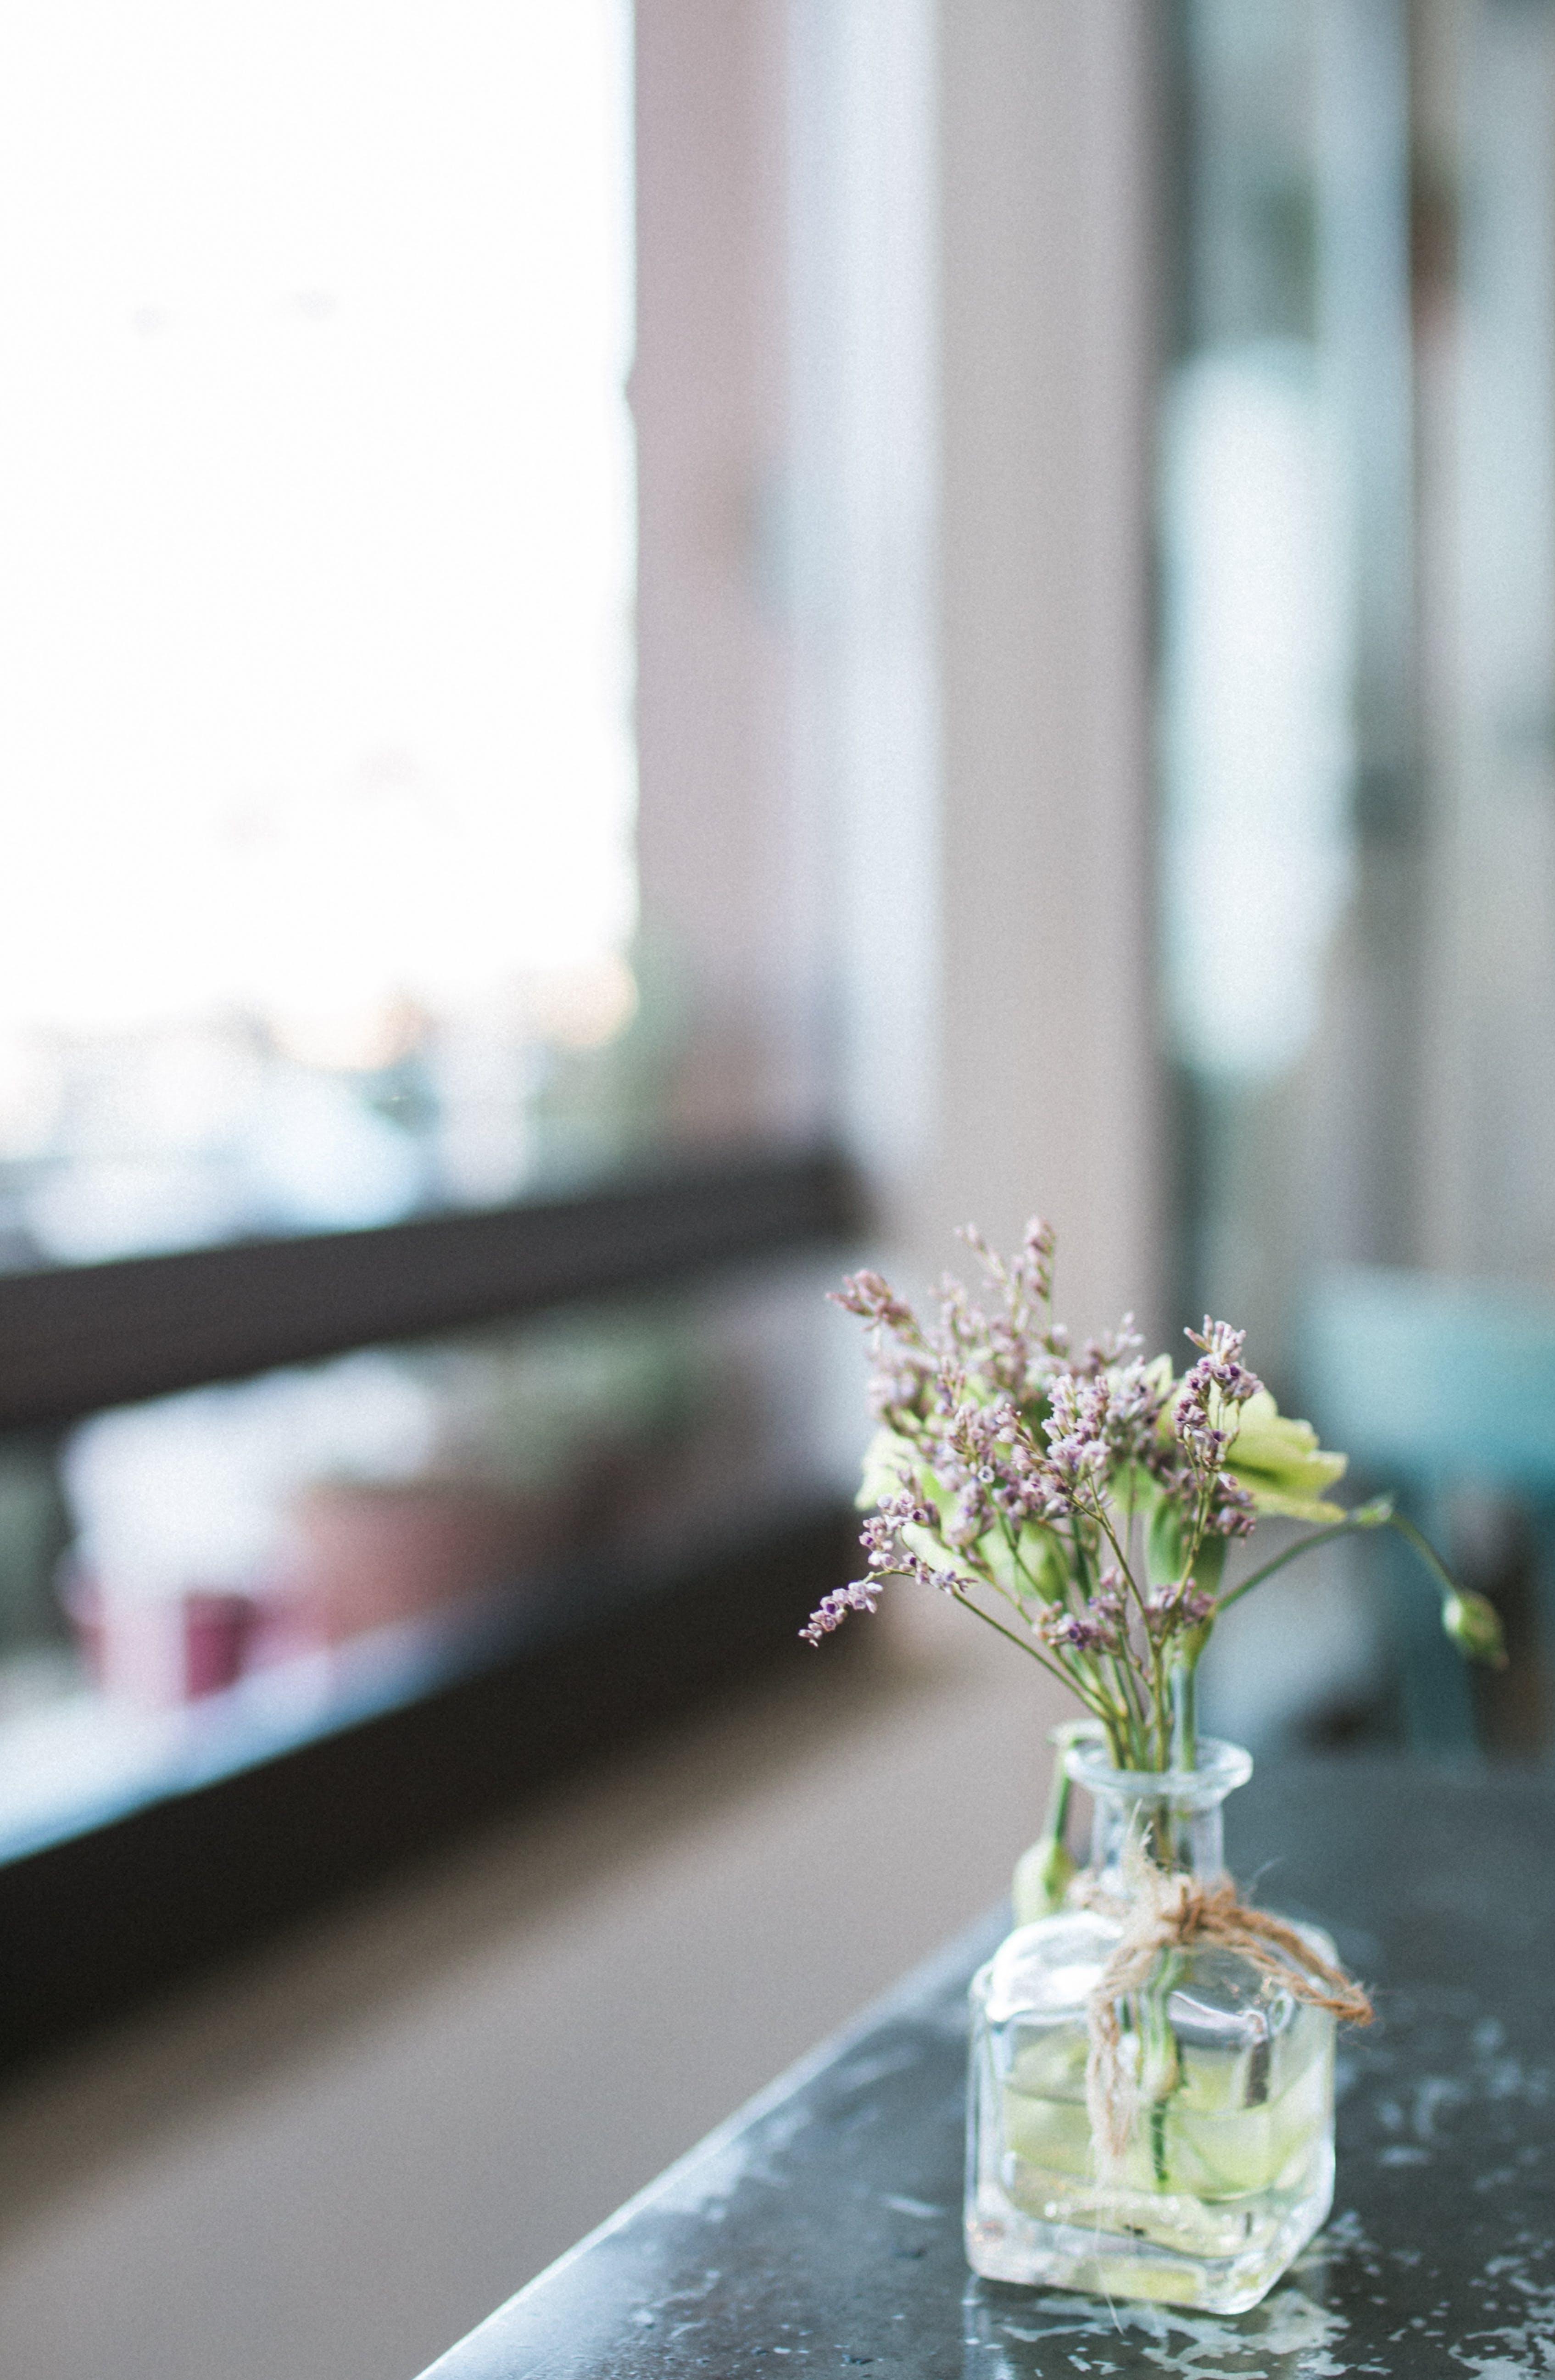 Kostnadsfri bild av blomma, blomsterarrangemang, blomvas, delikat